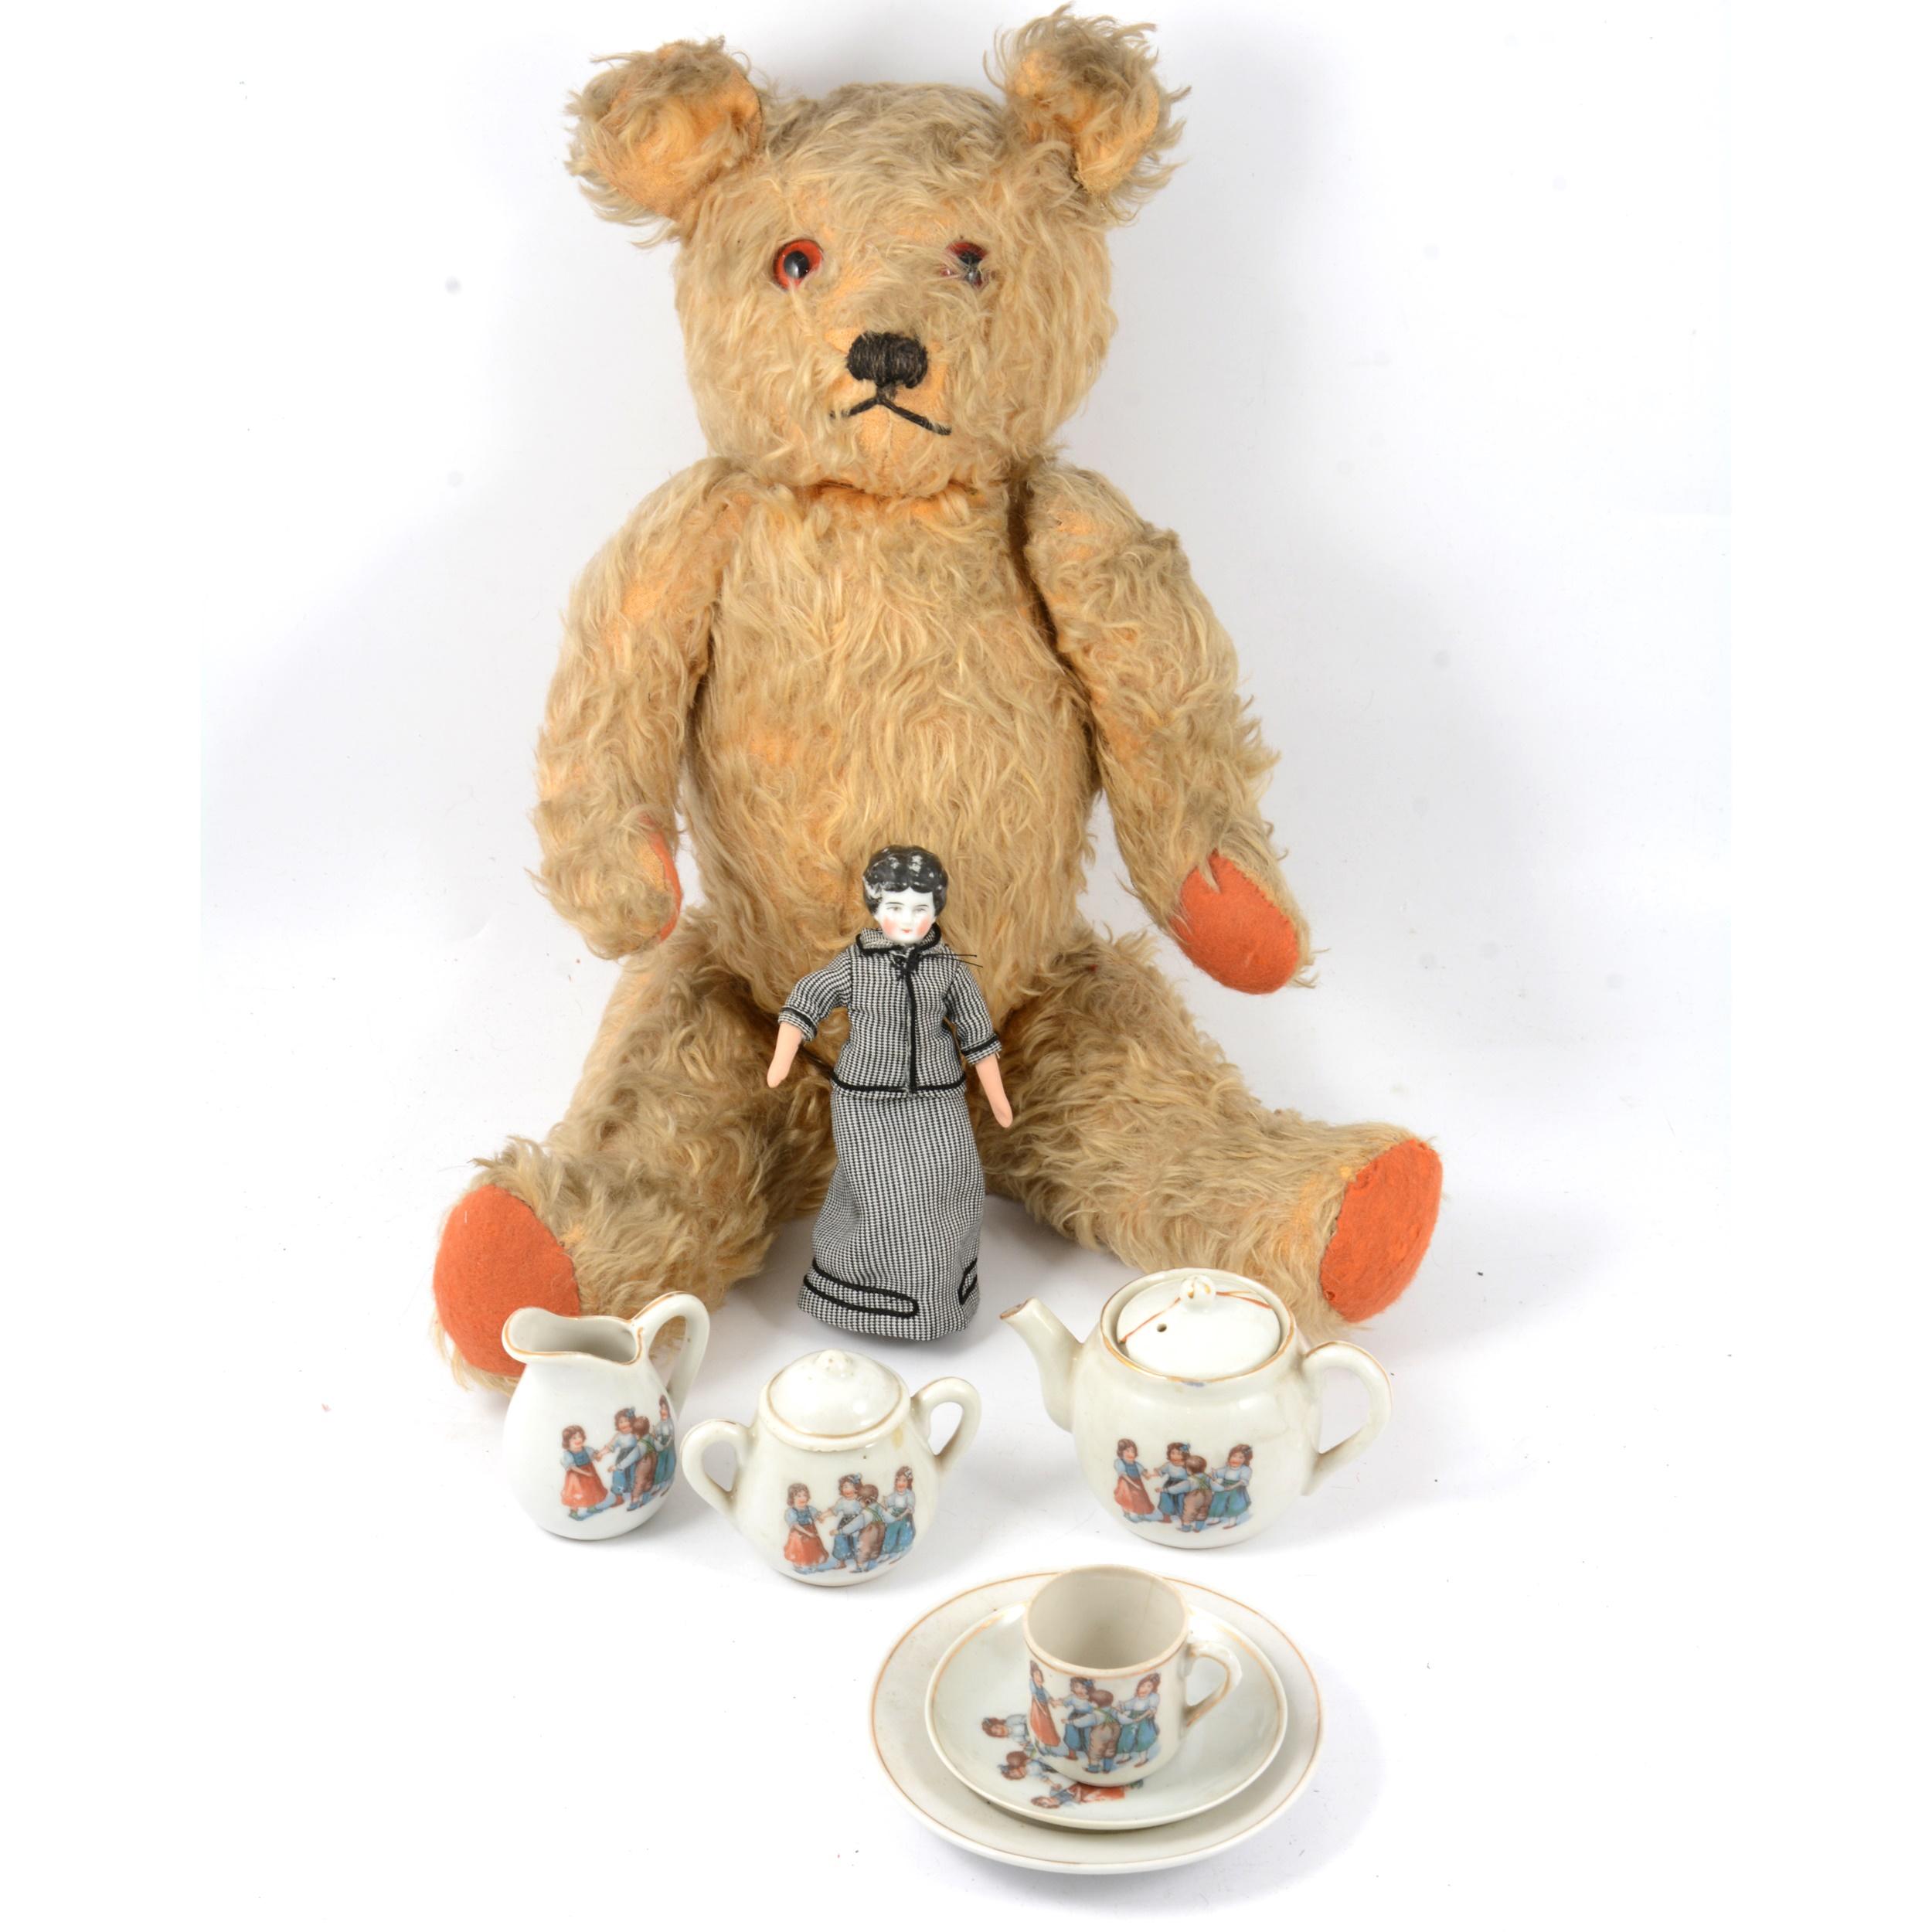 A mid-20th century mohair teddy bear, miniature doll and tea set.